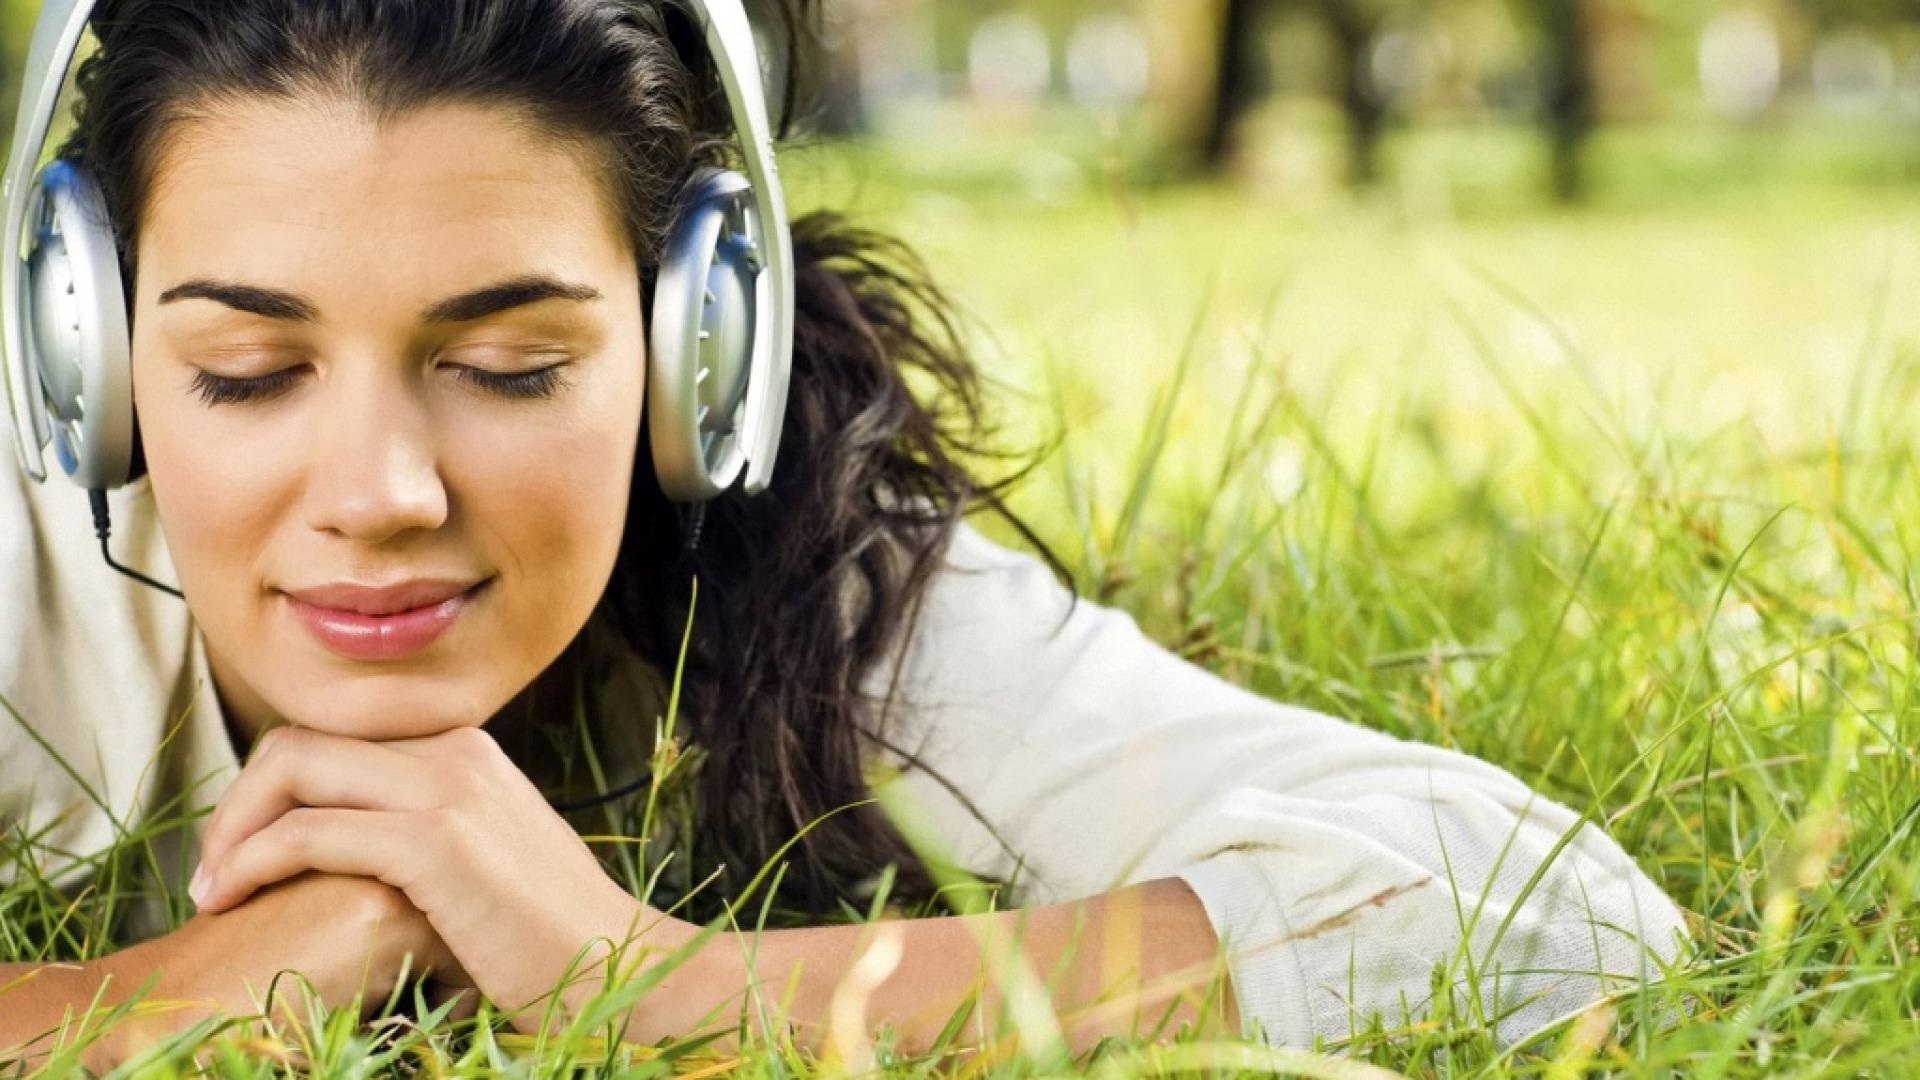 ===Los Recuerdos tambien huelen=== Chica-escuchando-musica-para-relajar